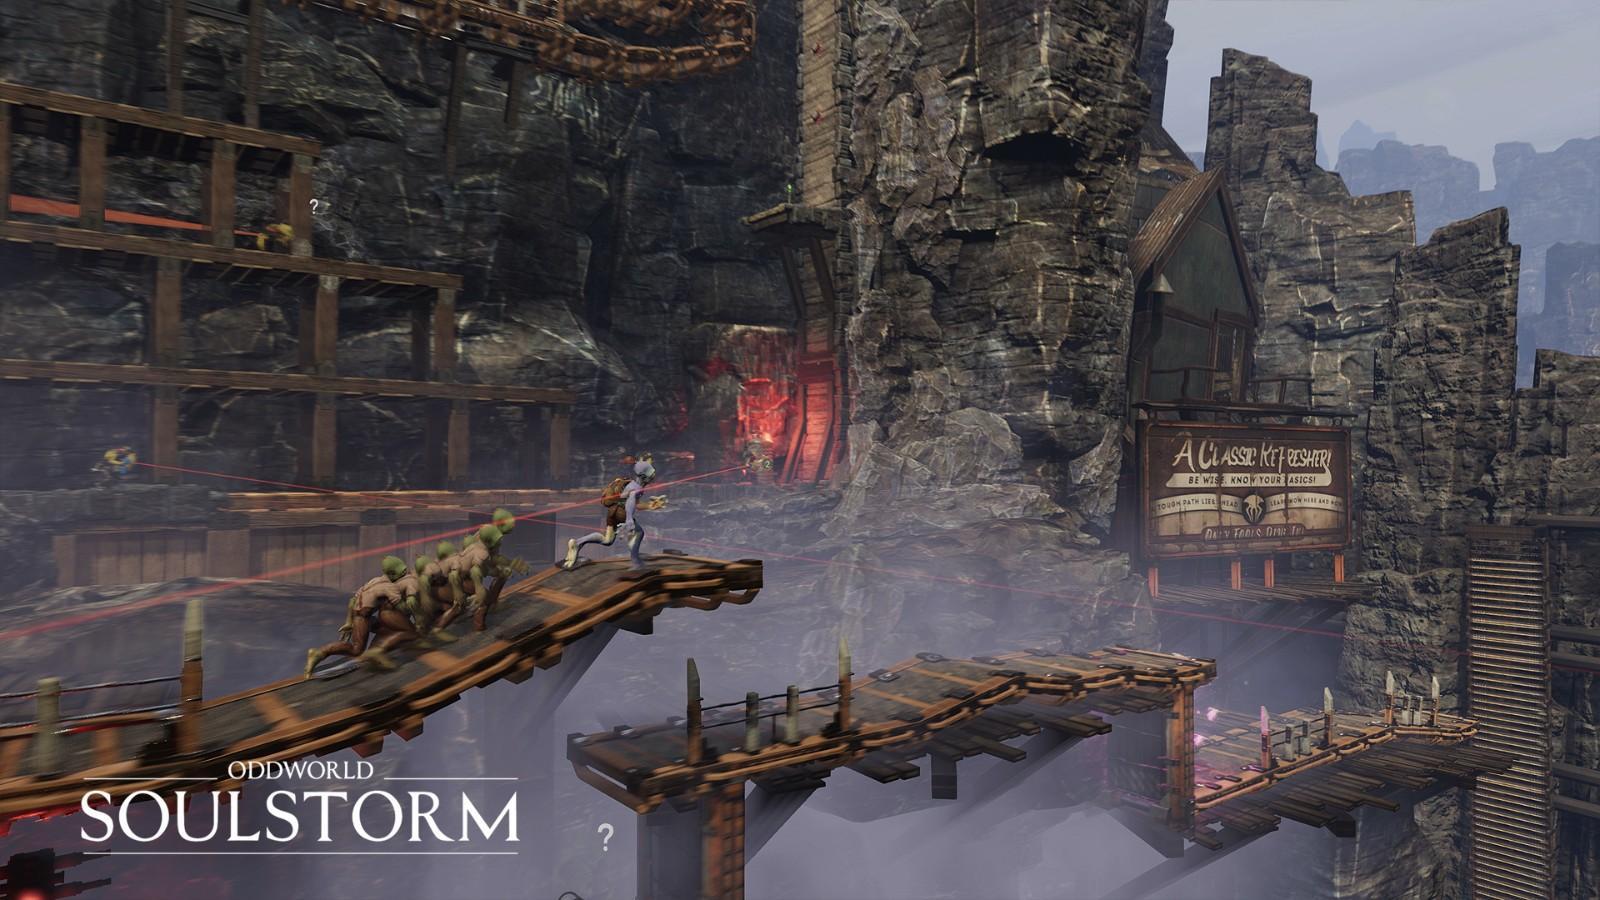 《奇异世界:灵魂风暴》将登陆Xbox Series X/S